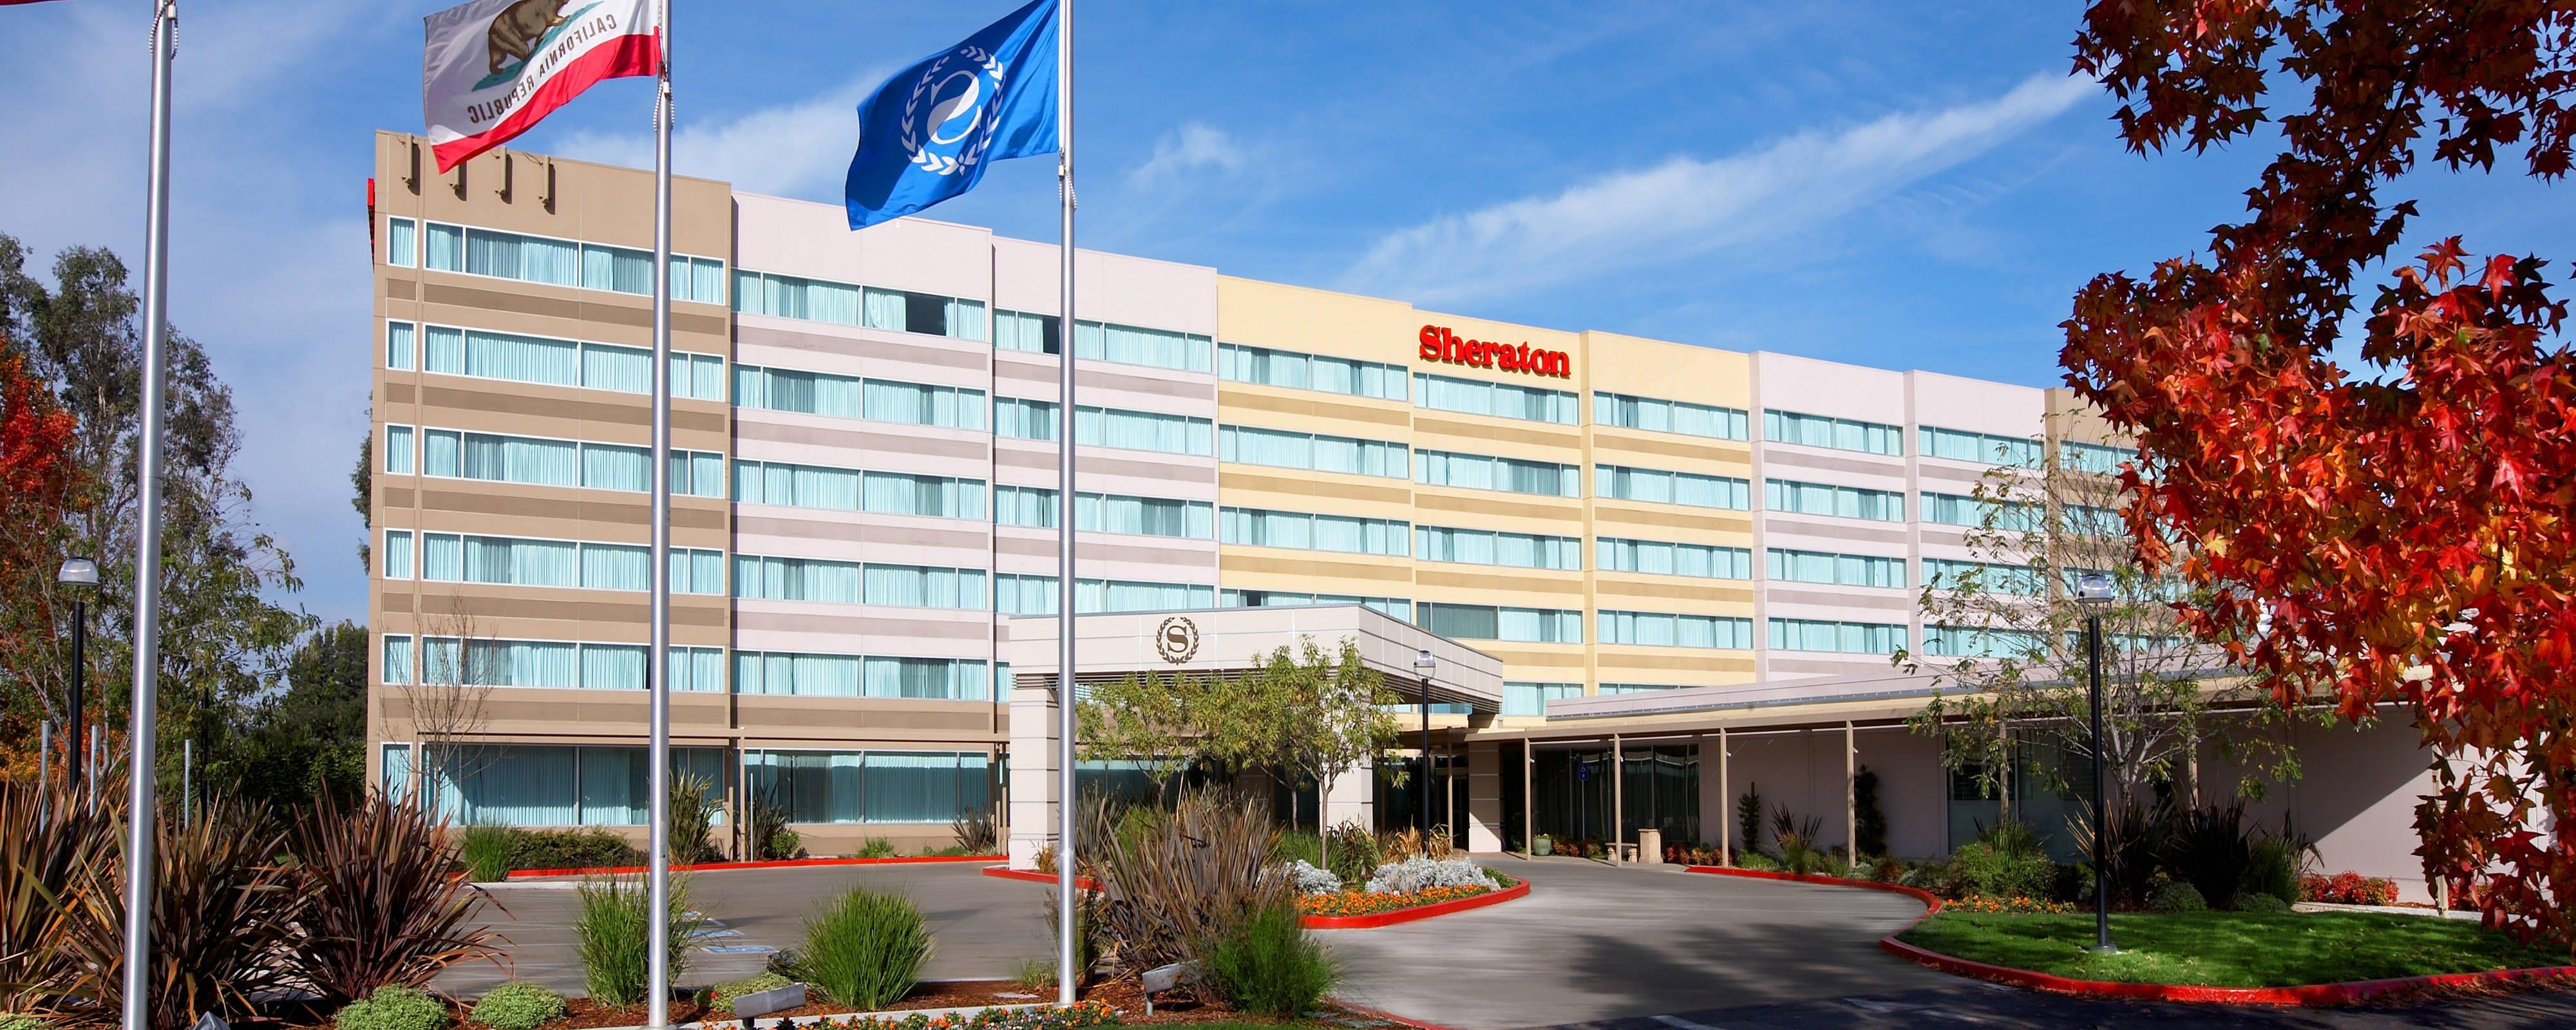 Pet-Friendly Hotel in Livermore, CA | Sheraton Pleasanton Hotel